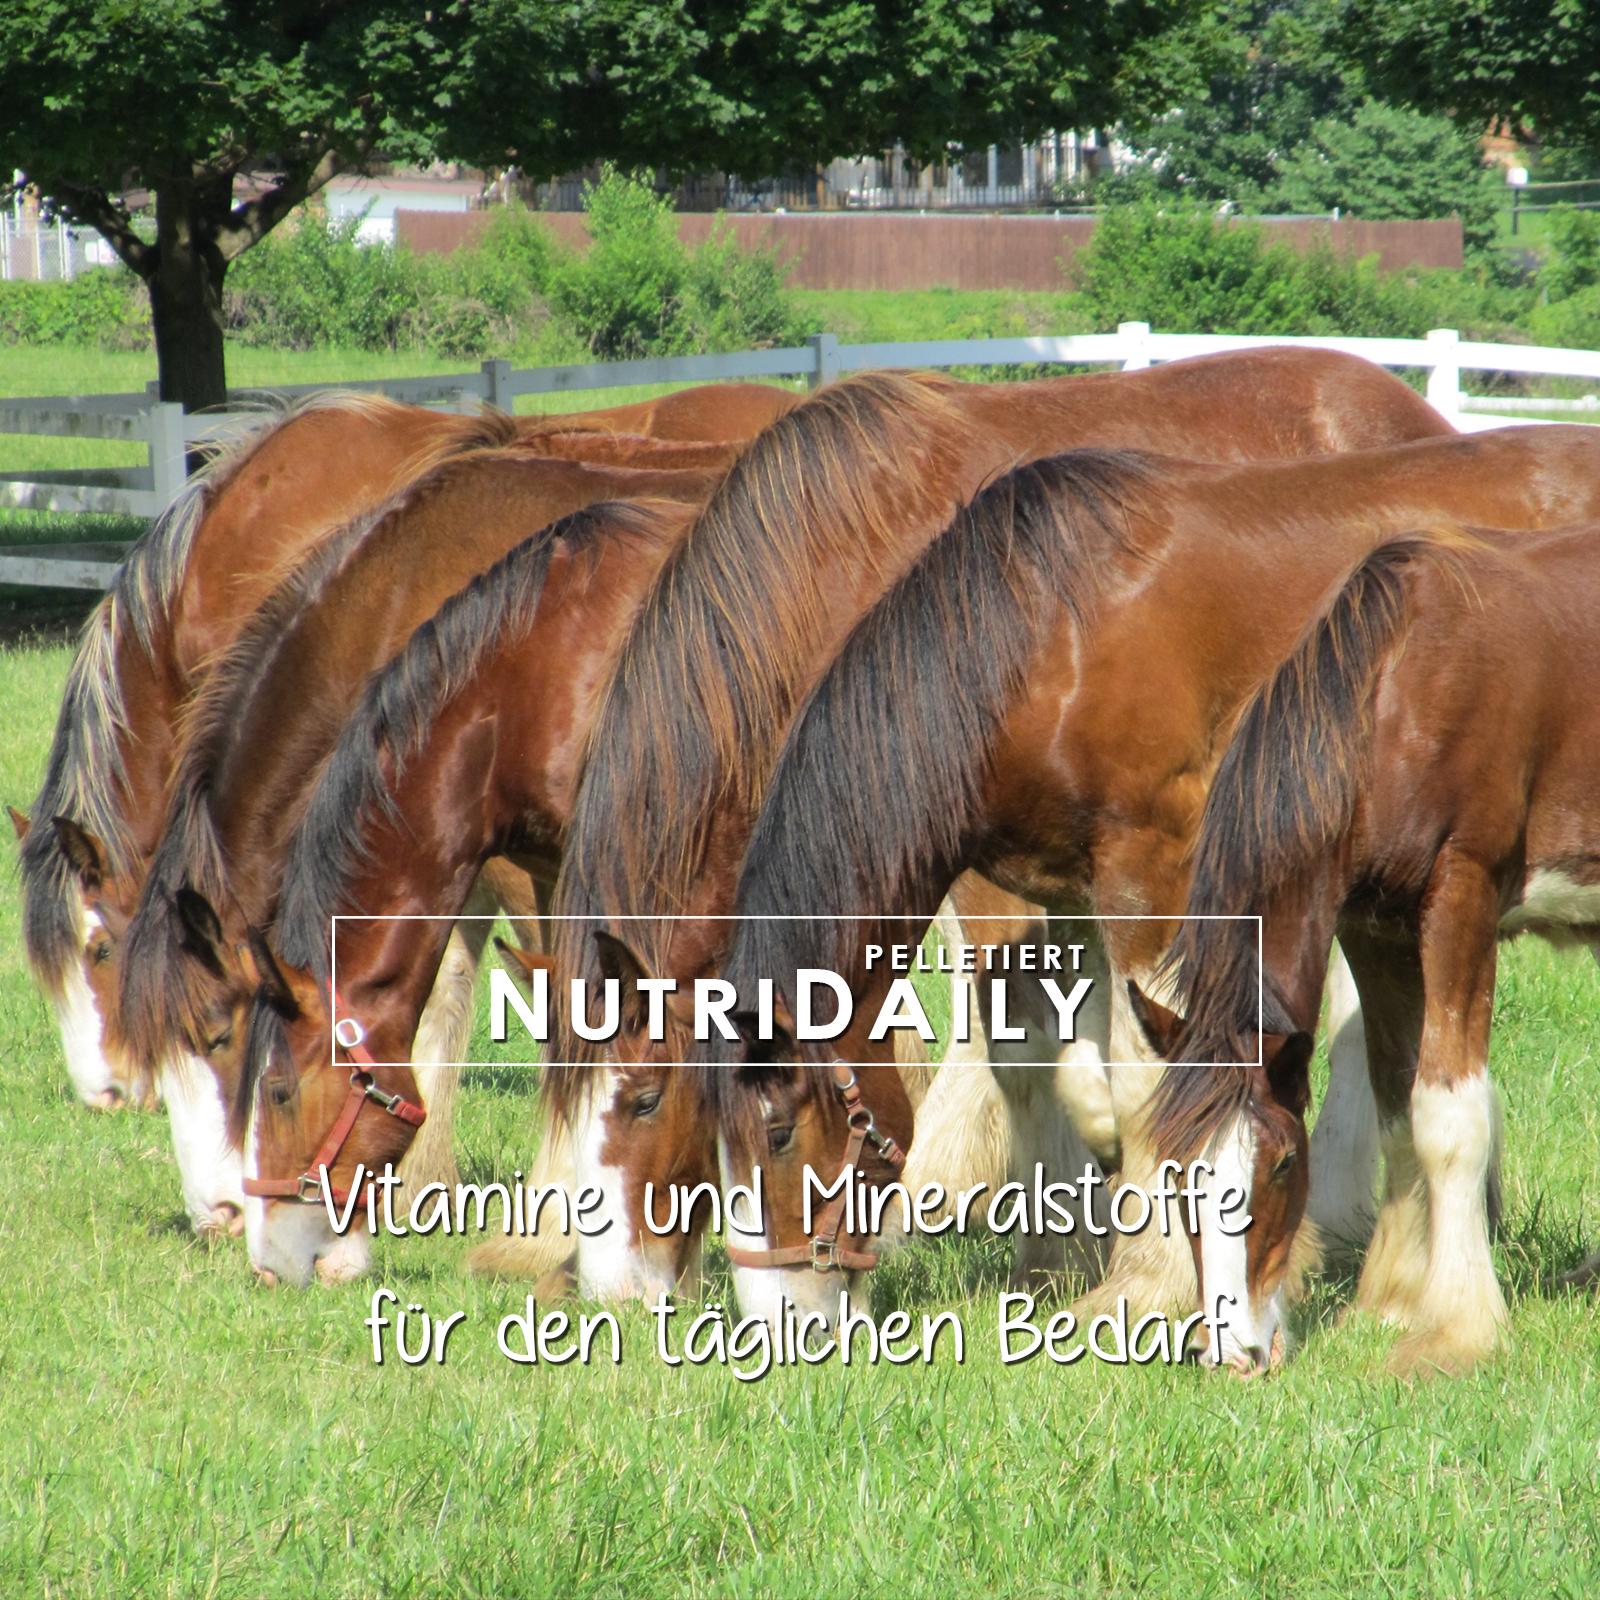 Vitamine und Mineralstoffe für Pferde bis zum 15. Altersjahr, mit Selen, Zink, Eisen, BetaCarotin, Magnesium, Mangan und vielen mehr